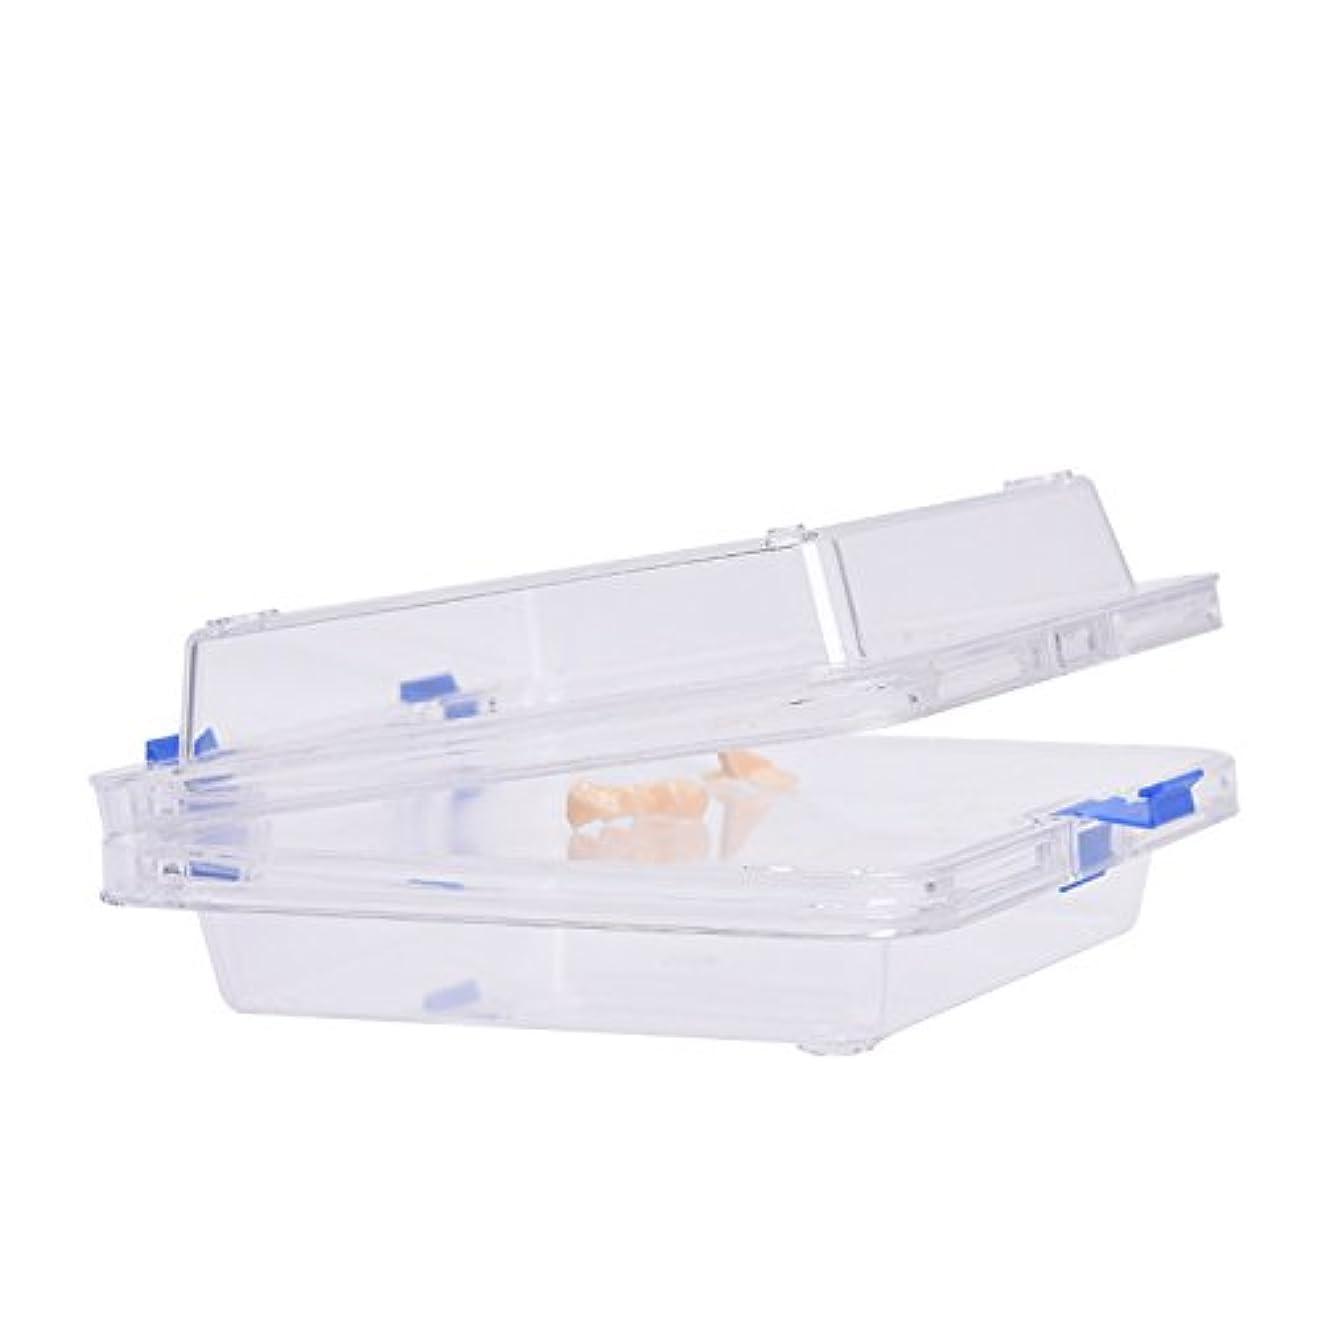 市民権出発する世代入れ歯入れケース防振膜付き サイズ:9.5 * 9.5 * 5cm  義歯ケース Annhua